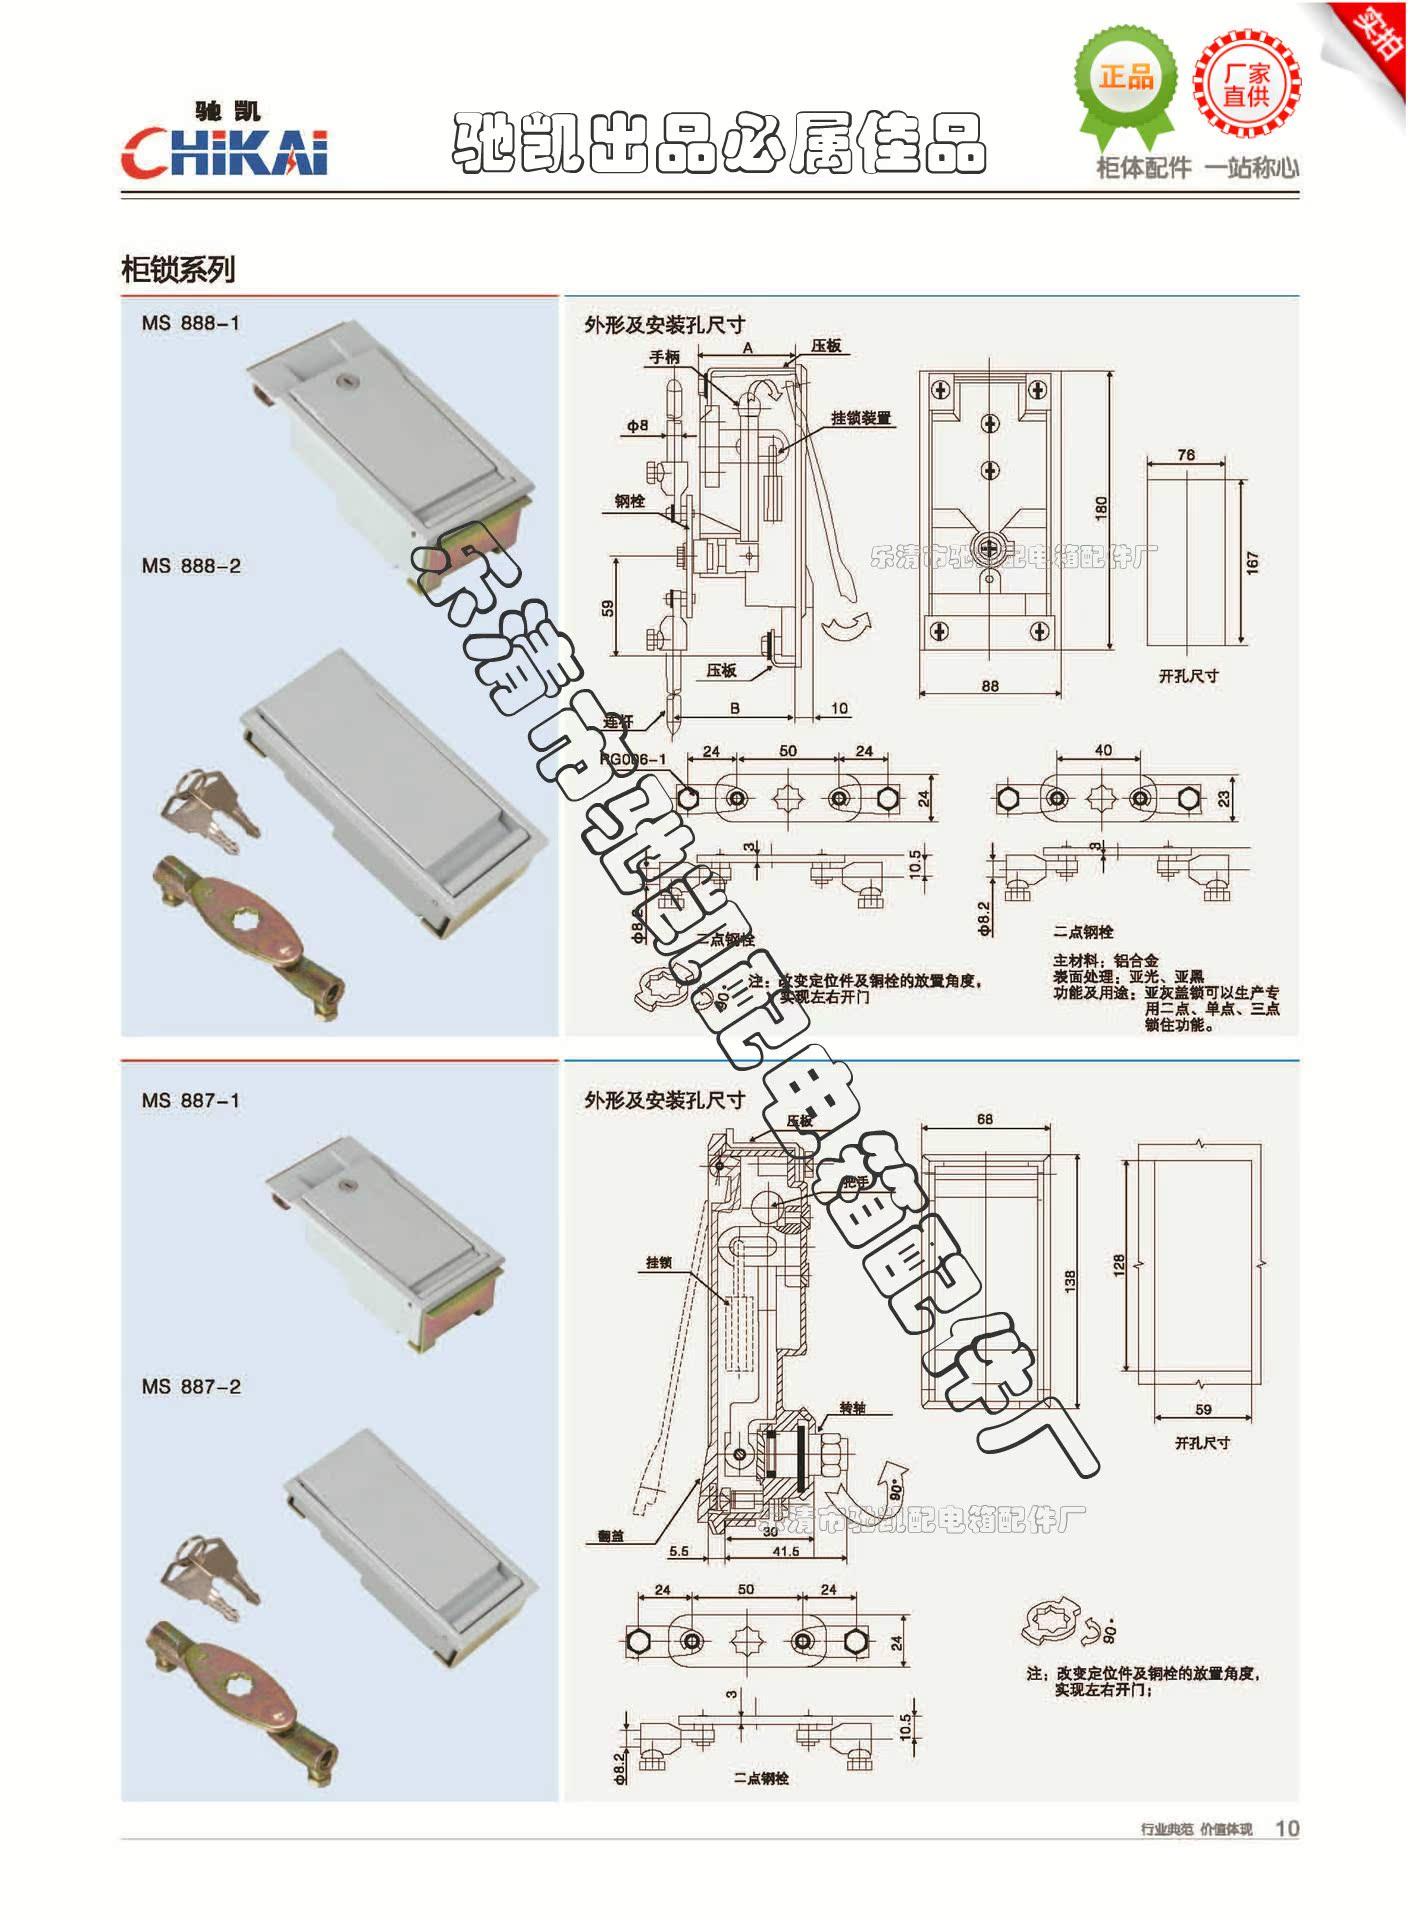 供应基业箱门锁,电表柜成套配件,塑料锁具